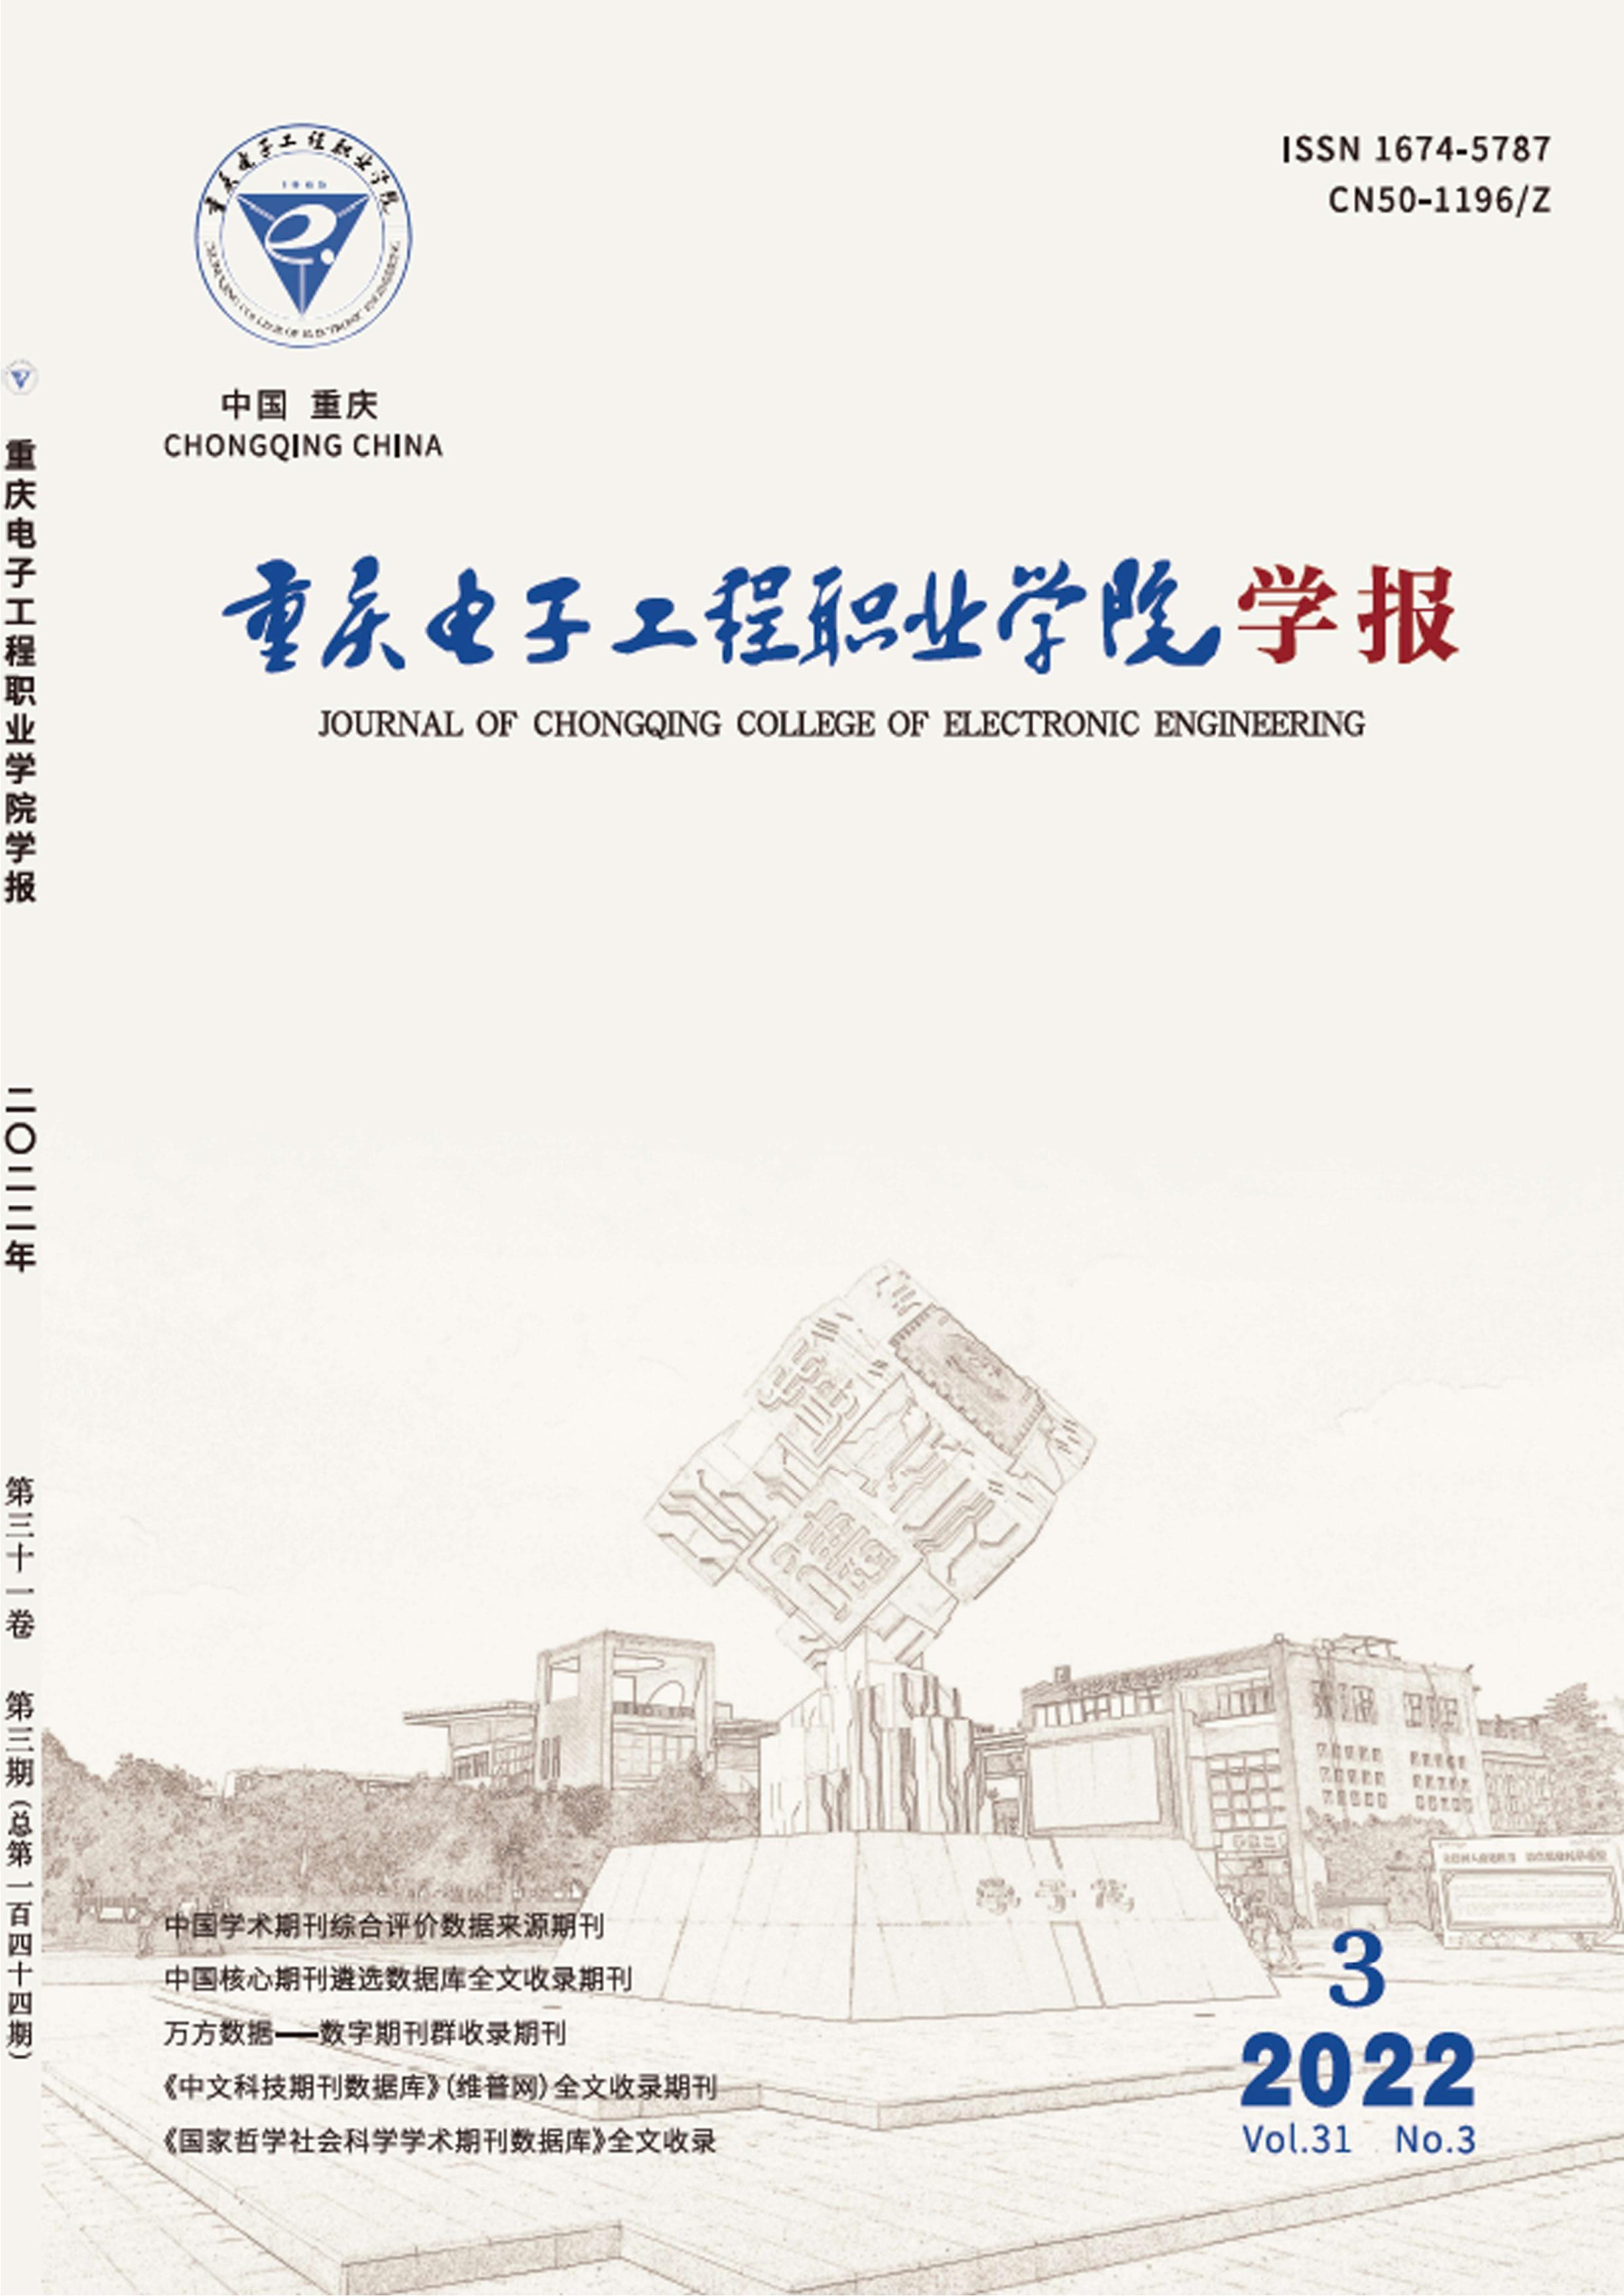 重庆电子工程职业学院学报